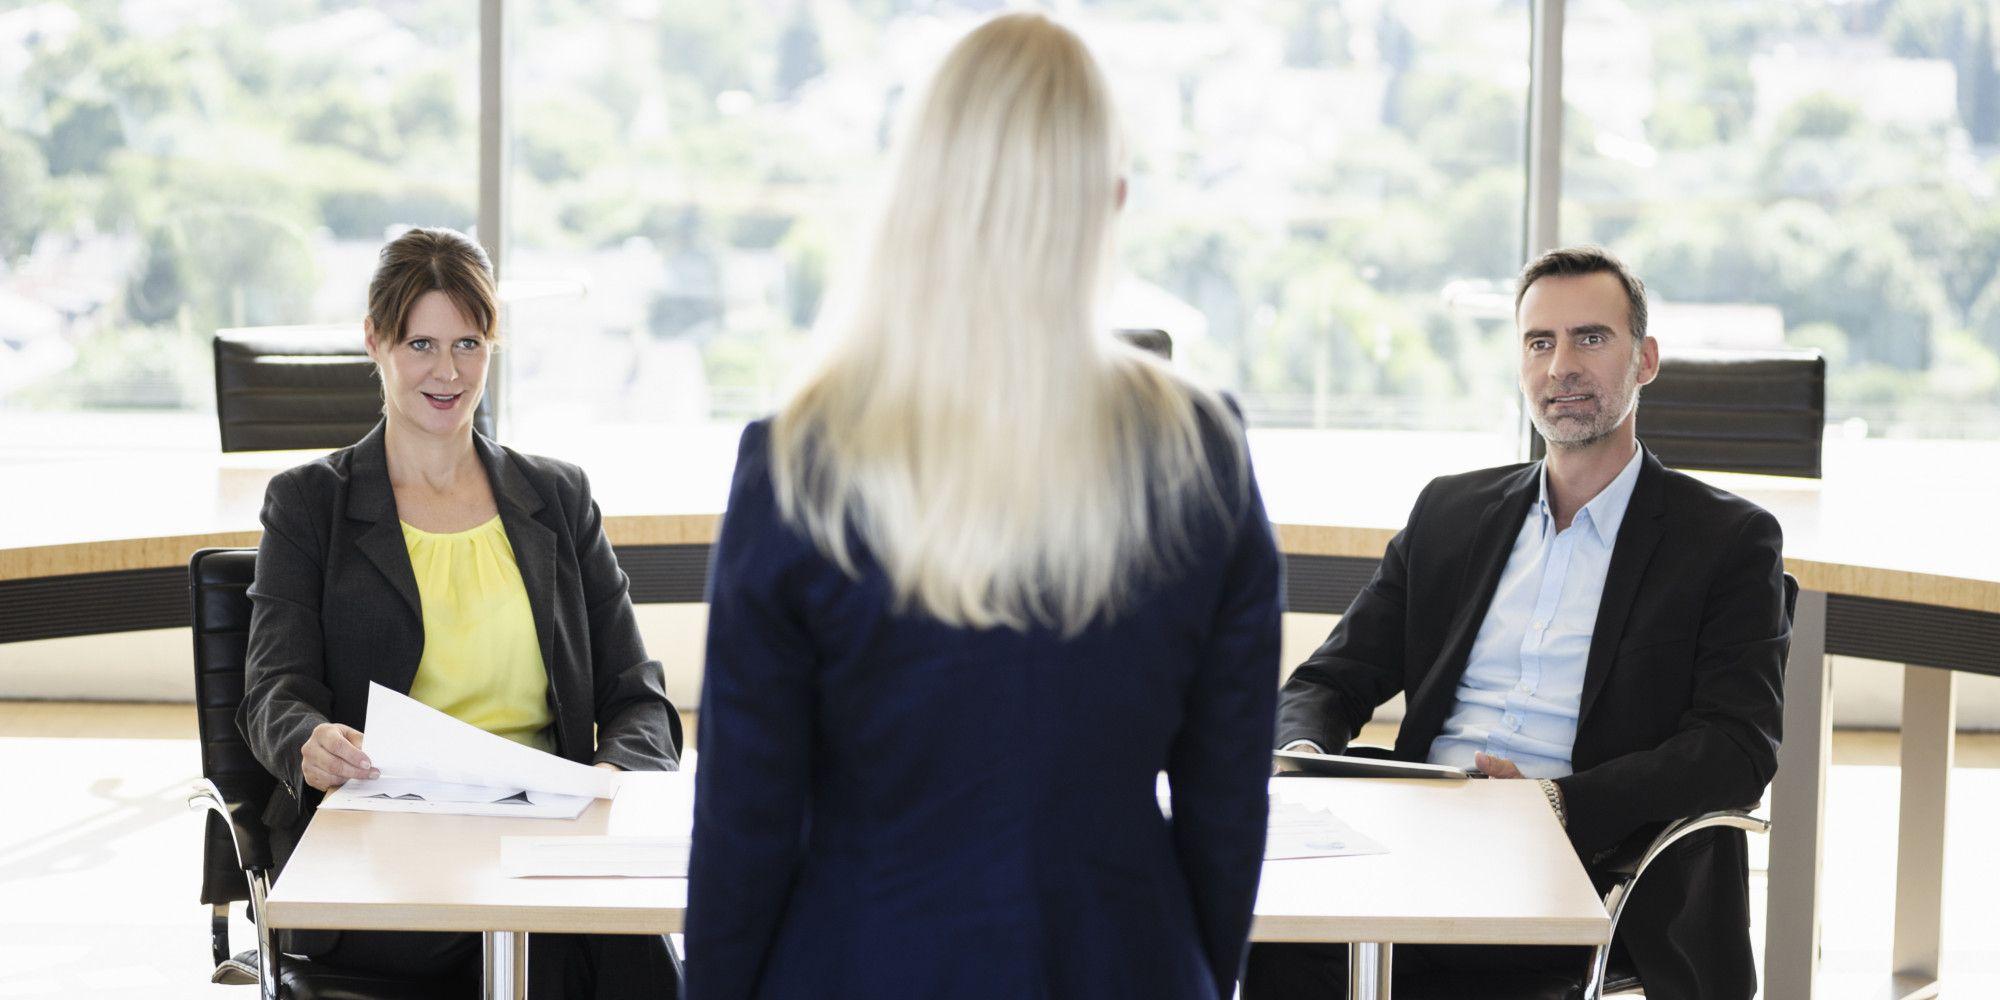 Entretiens d'embauche: 10 clés pour donner bonne ...